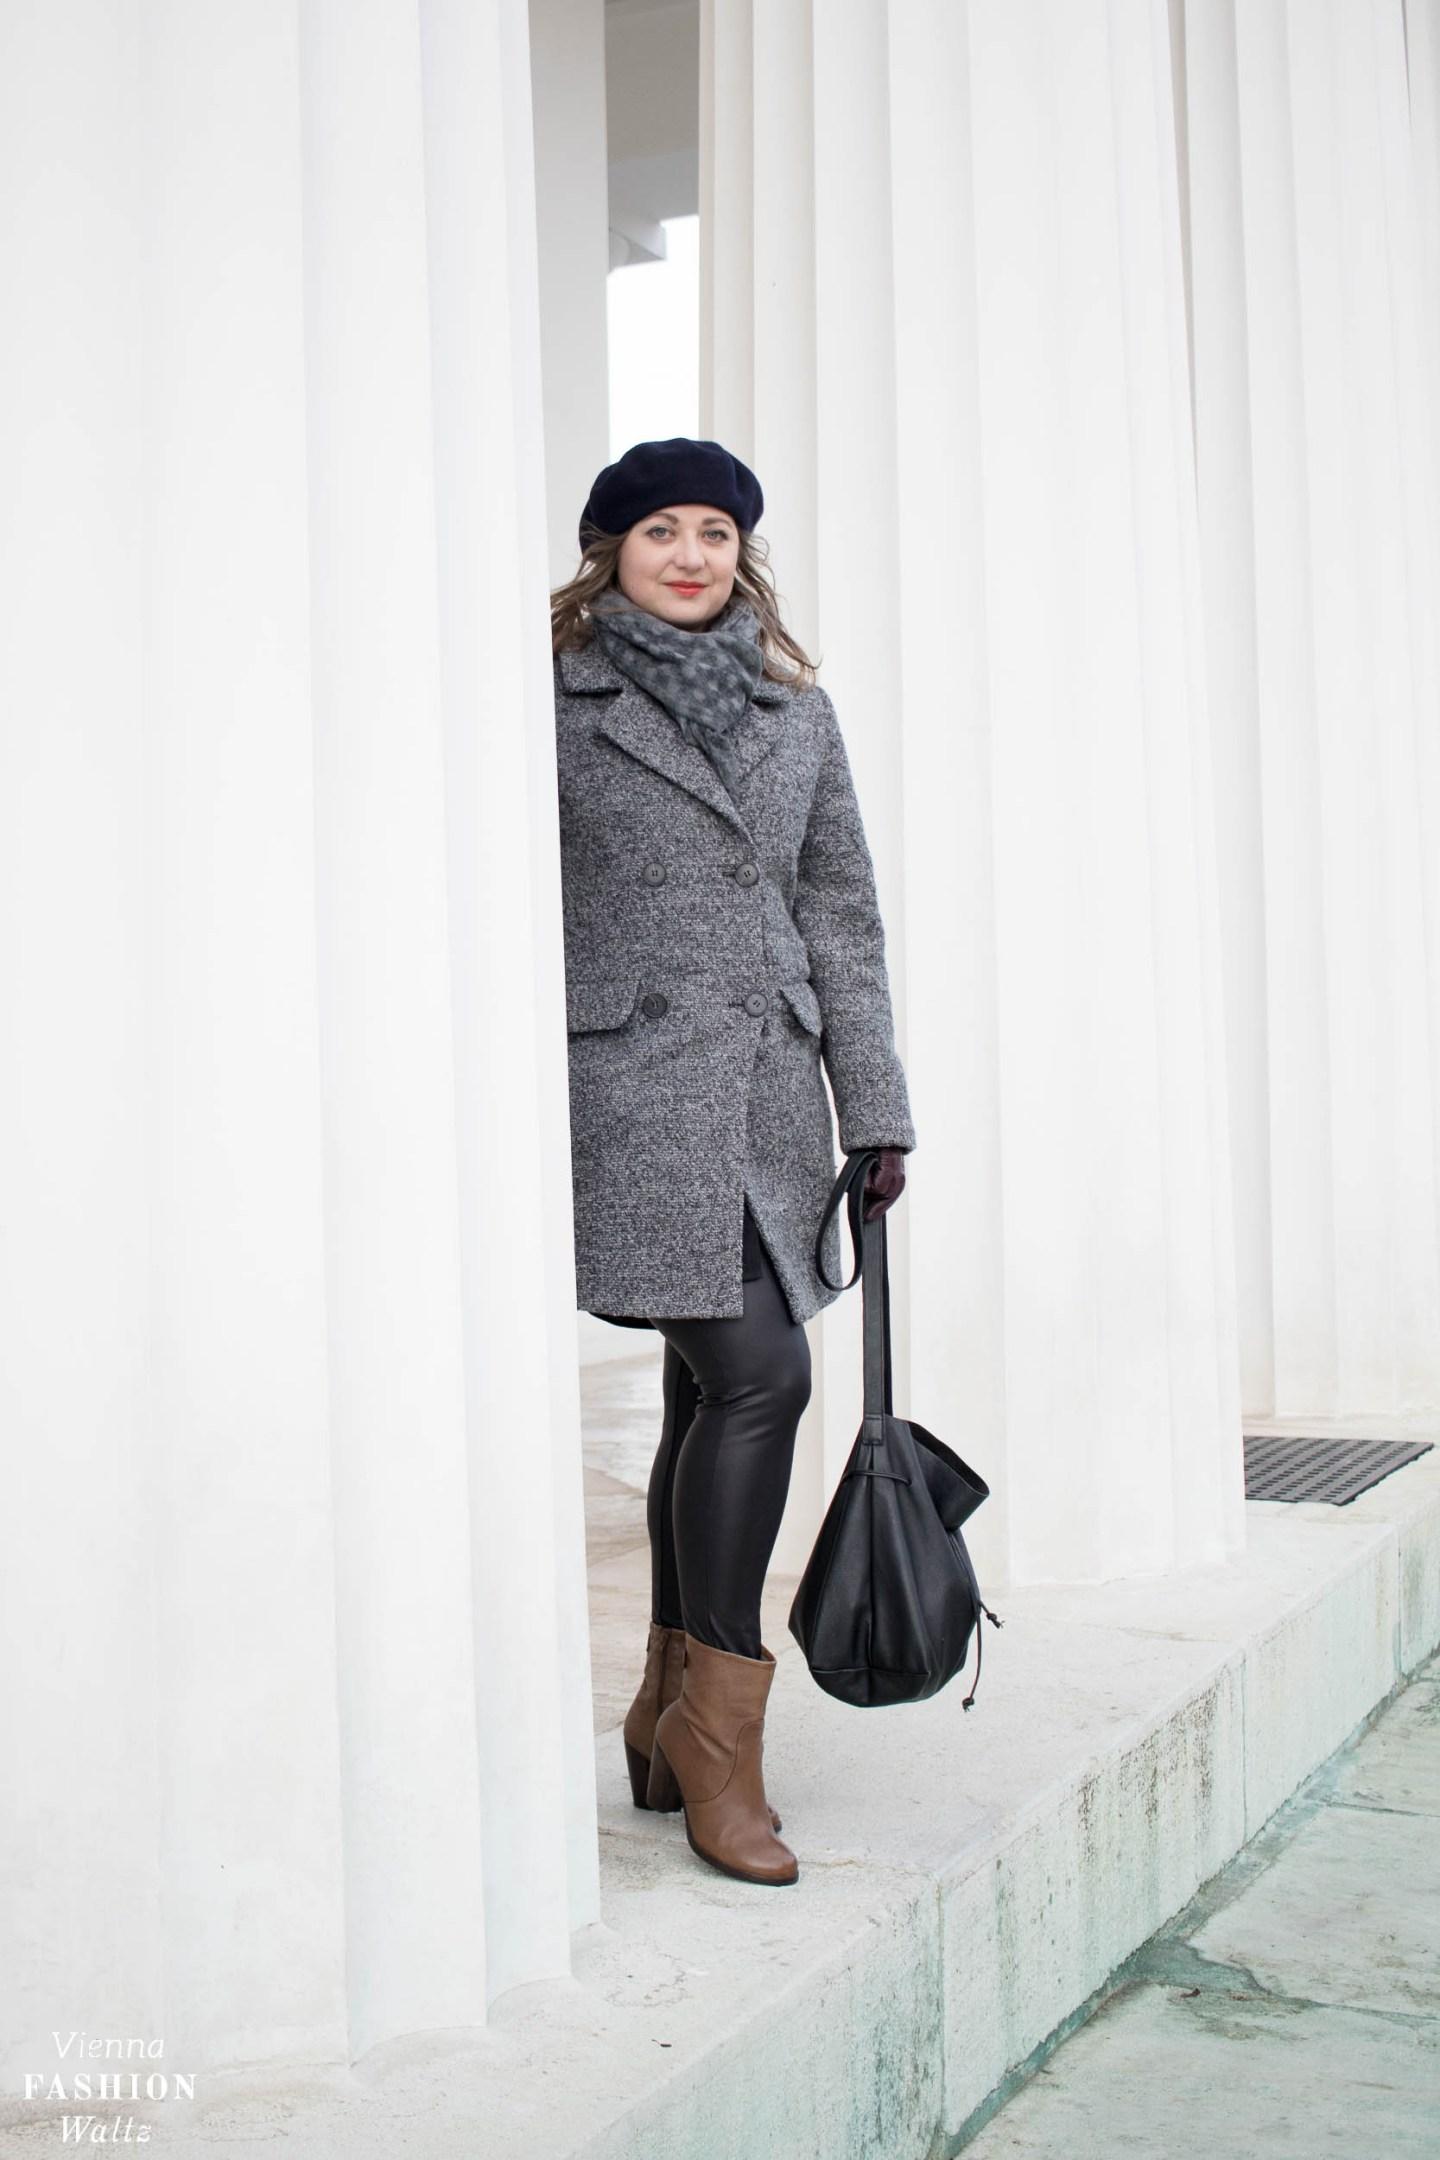 Winteroutfit mit grauem Mantel - Lederleggins, Liebeskind Boots, Tchibo Mantel, Baskenmütze Vintage- www.viennafashionwaltz.com-4 - Kopie